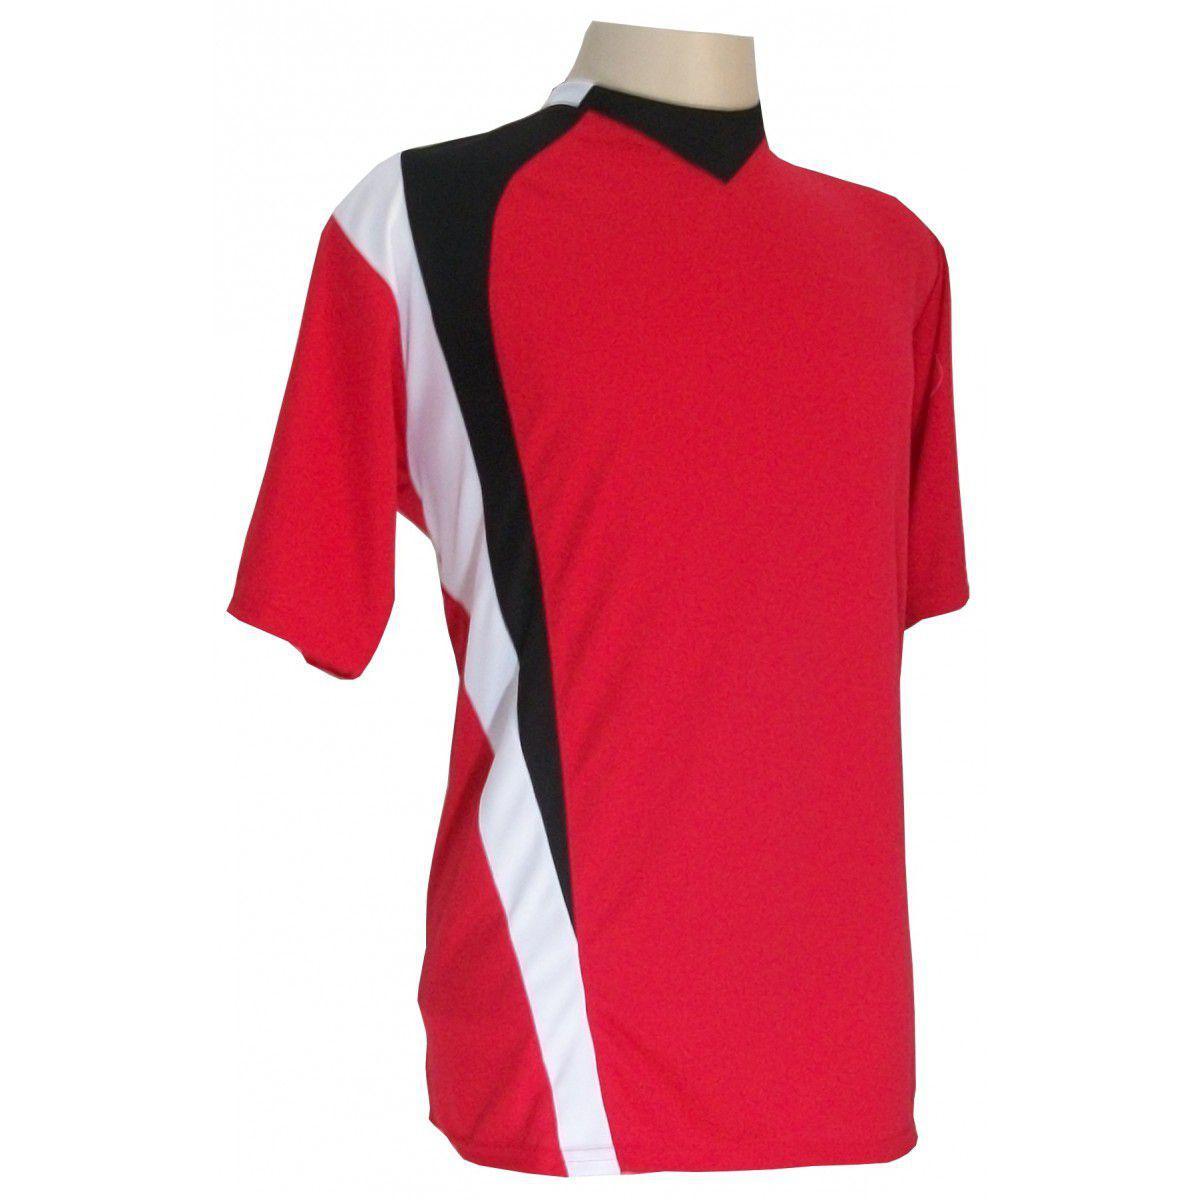 c64d76a472 Uniforme Esportivo com 14 camisas modelo PSG Vermelho Preto Branco + 14  calções modelo Madrid + 1 Goleiro + Brindes - Gazza R  599